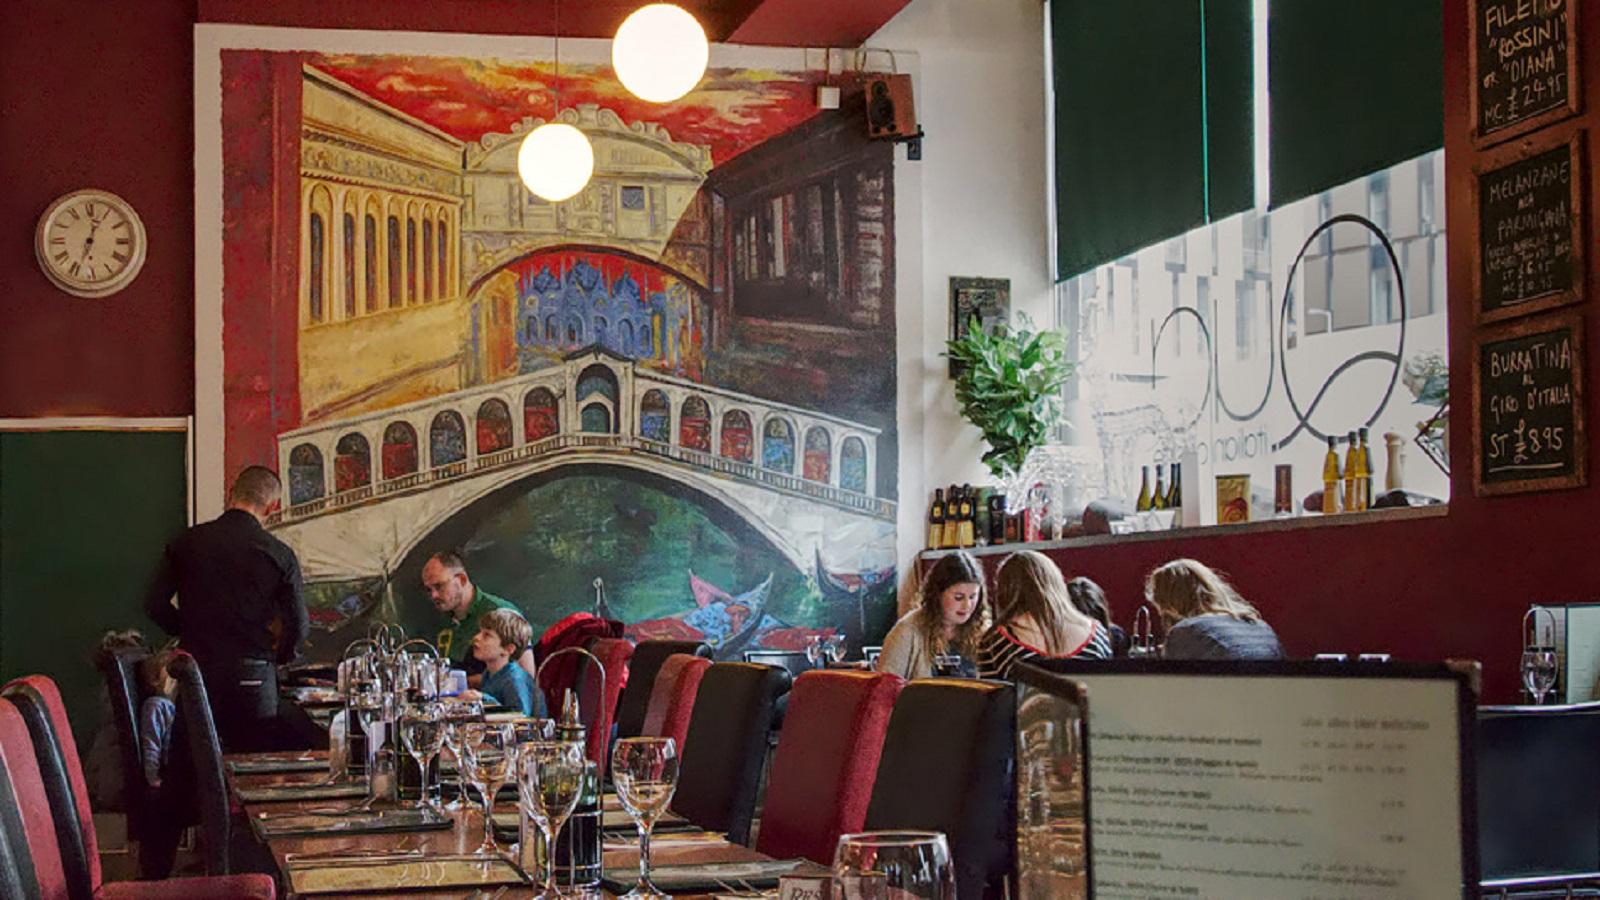 Qua Italian Restaurant